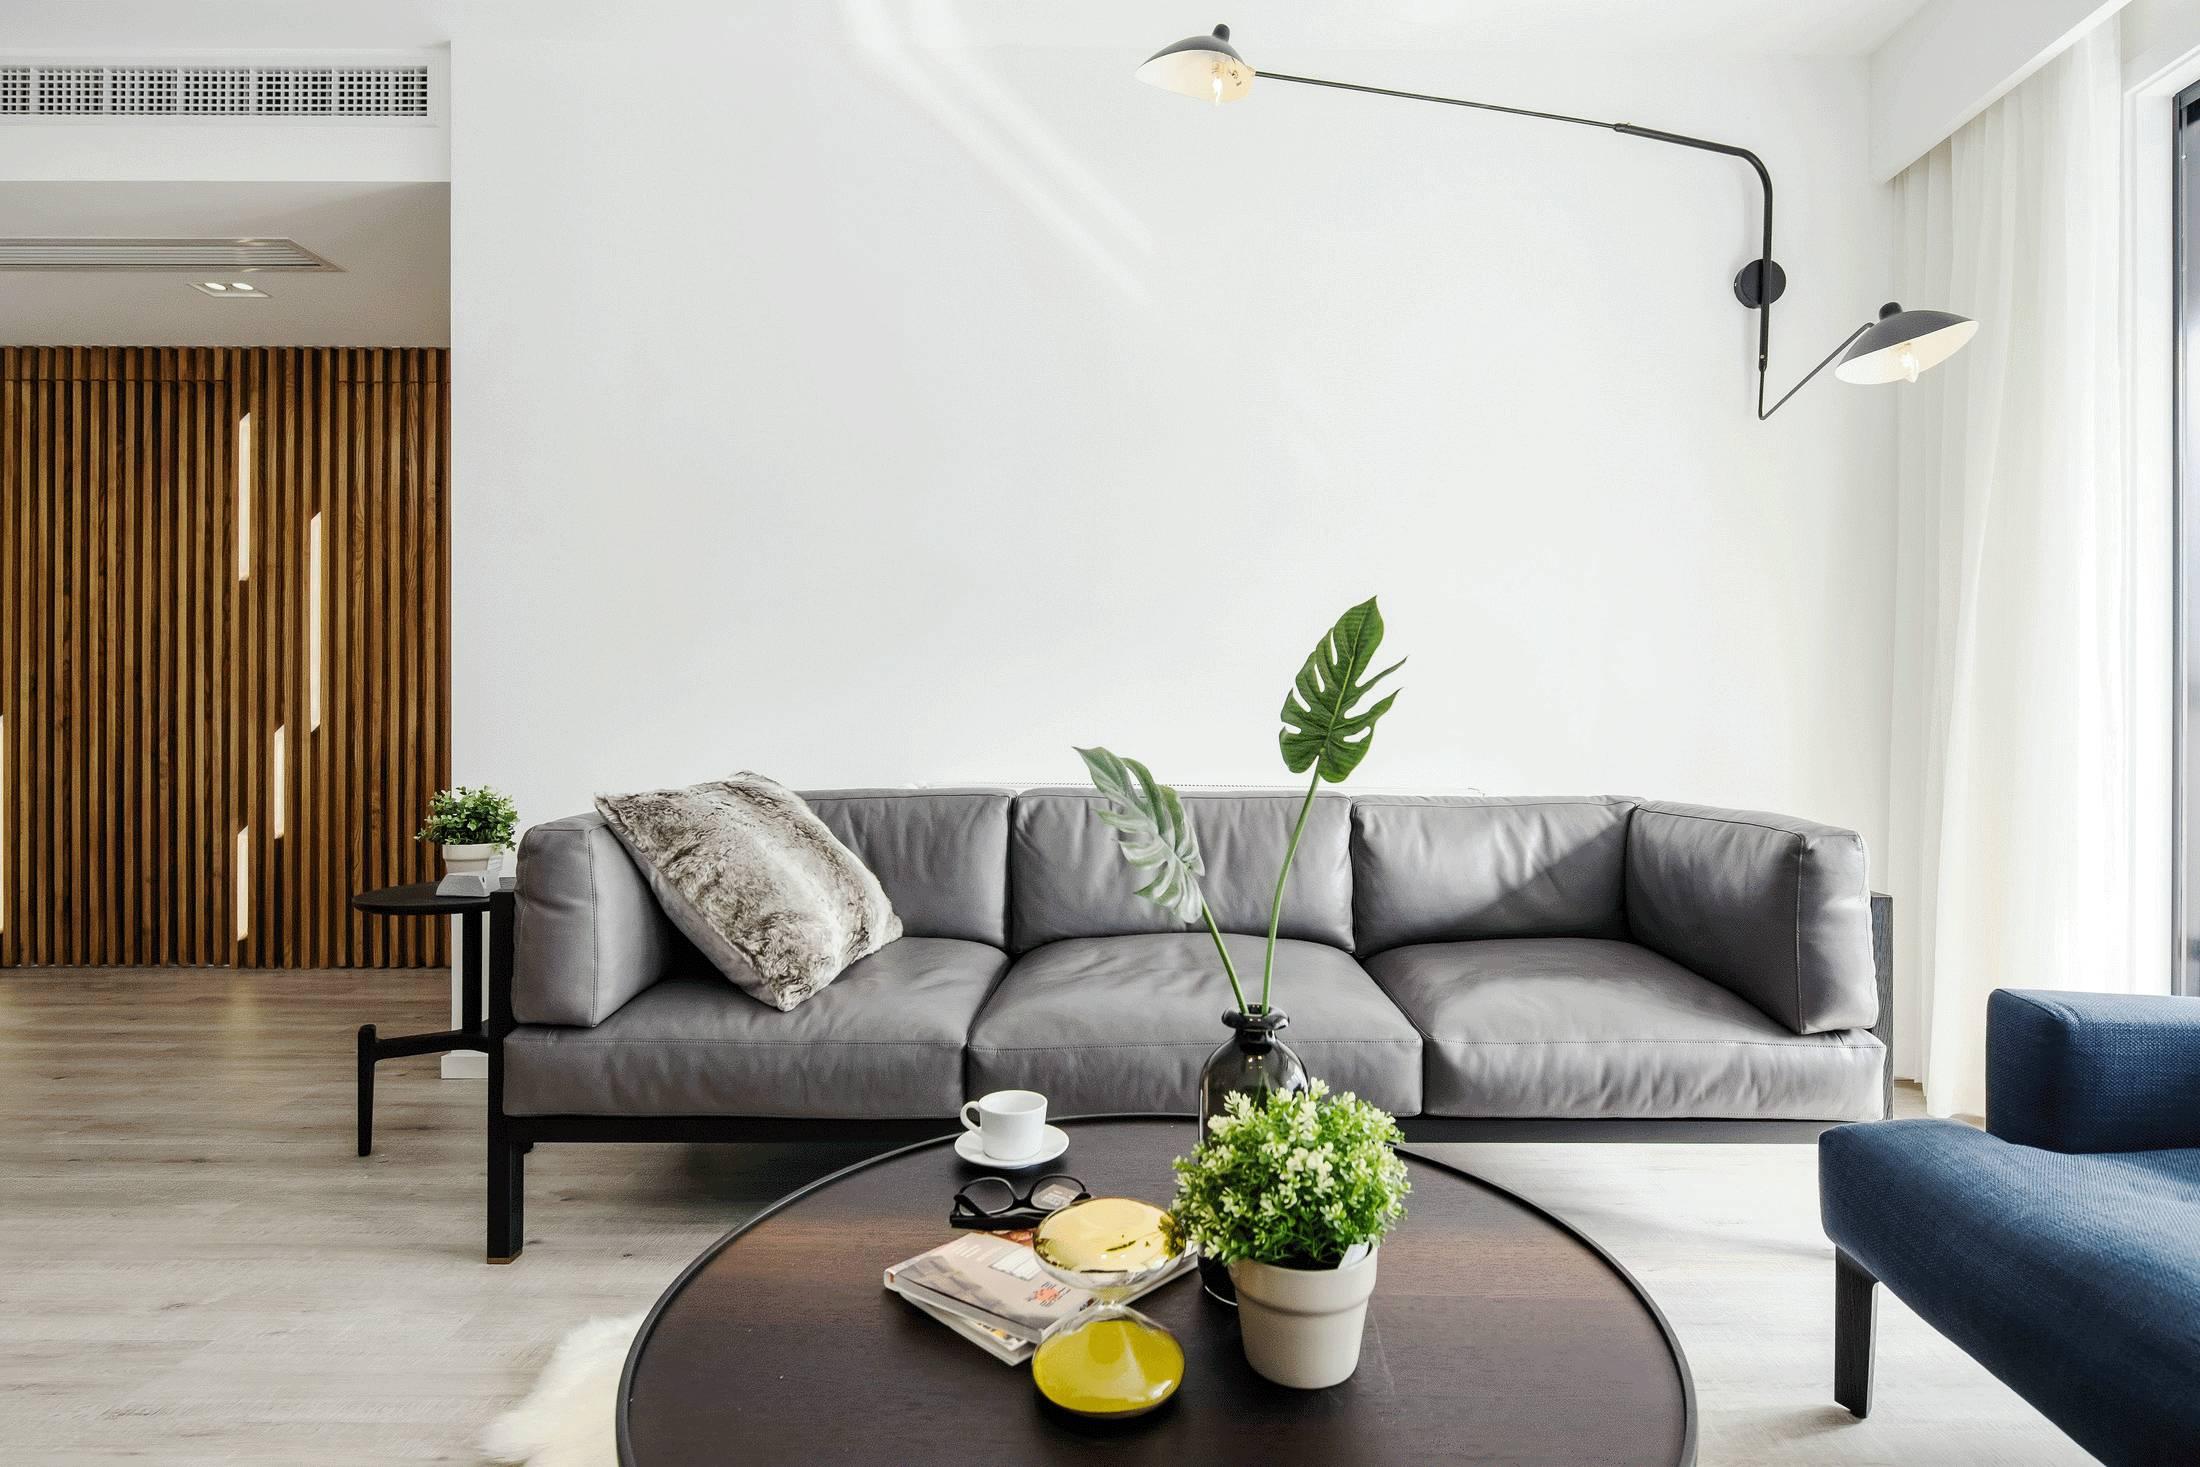 现代简约两居室沙发背景墙装修效果图